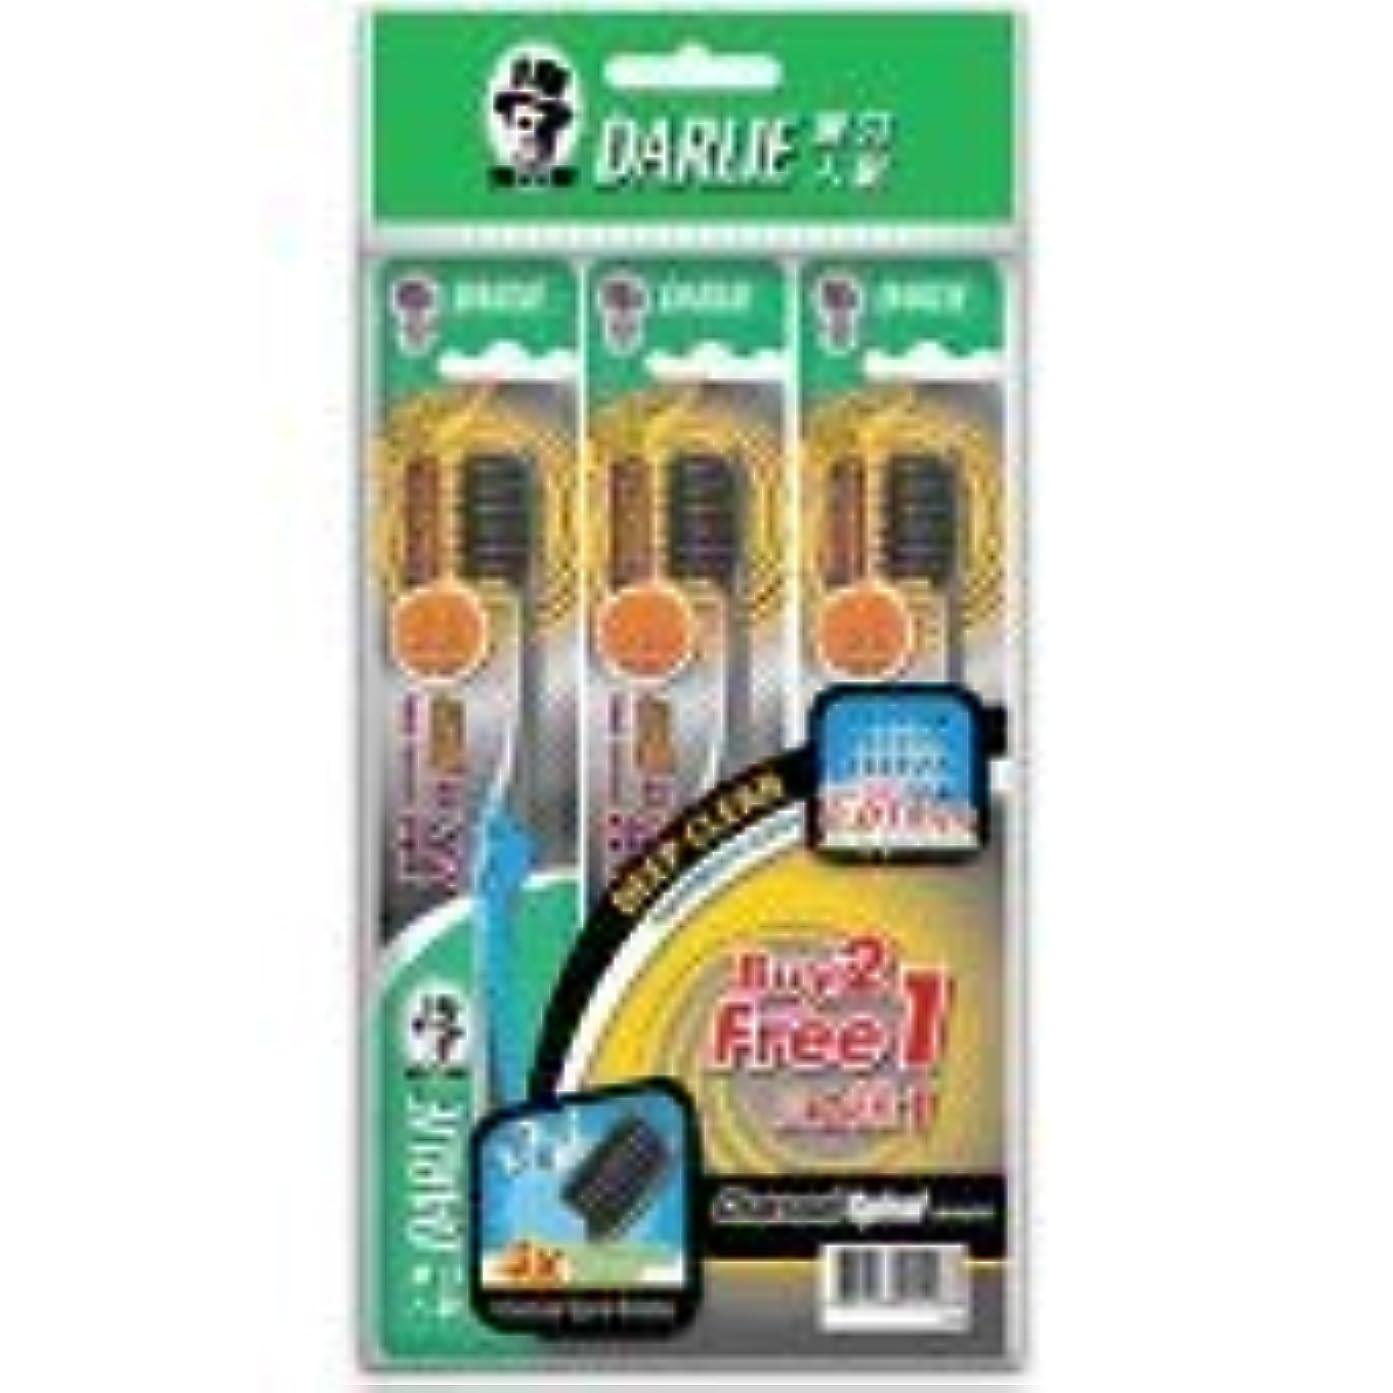 調べる事実野球DARLIE 歯の間に深く達する歯ブラシ炭スパイラル b2f1